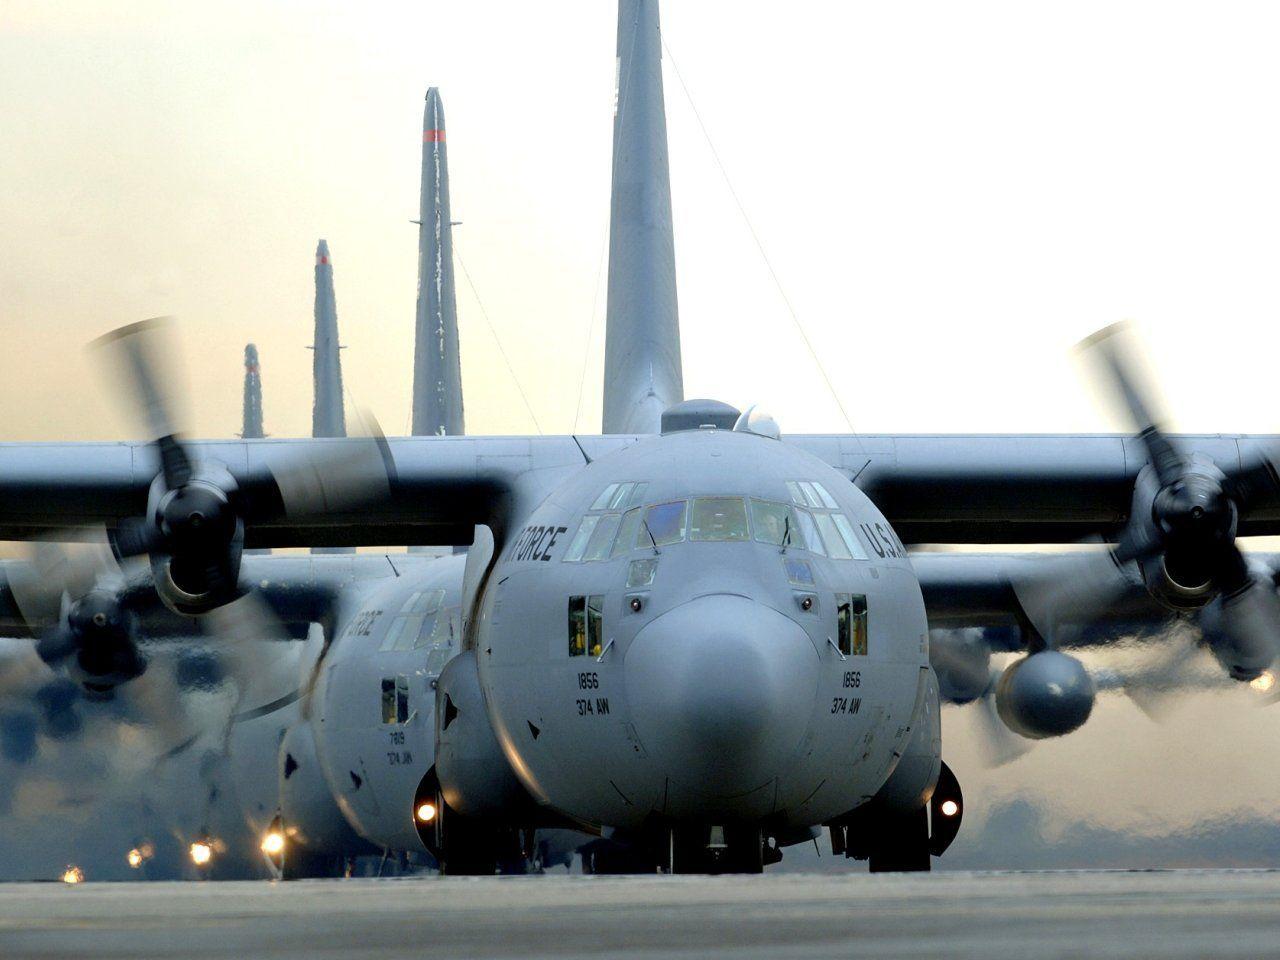 Обои C-130k, самолеты, hercules, военно-транспортные. Авиация foto 10